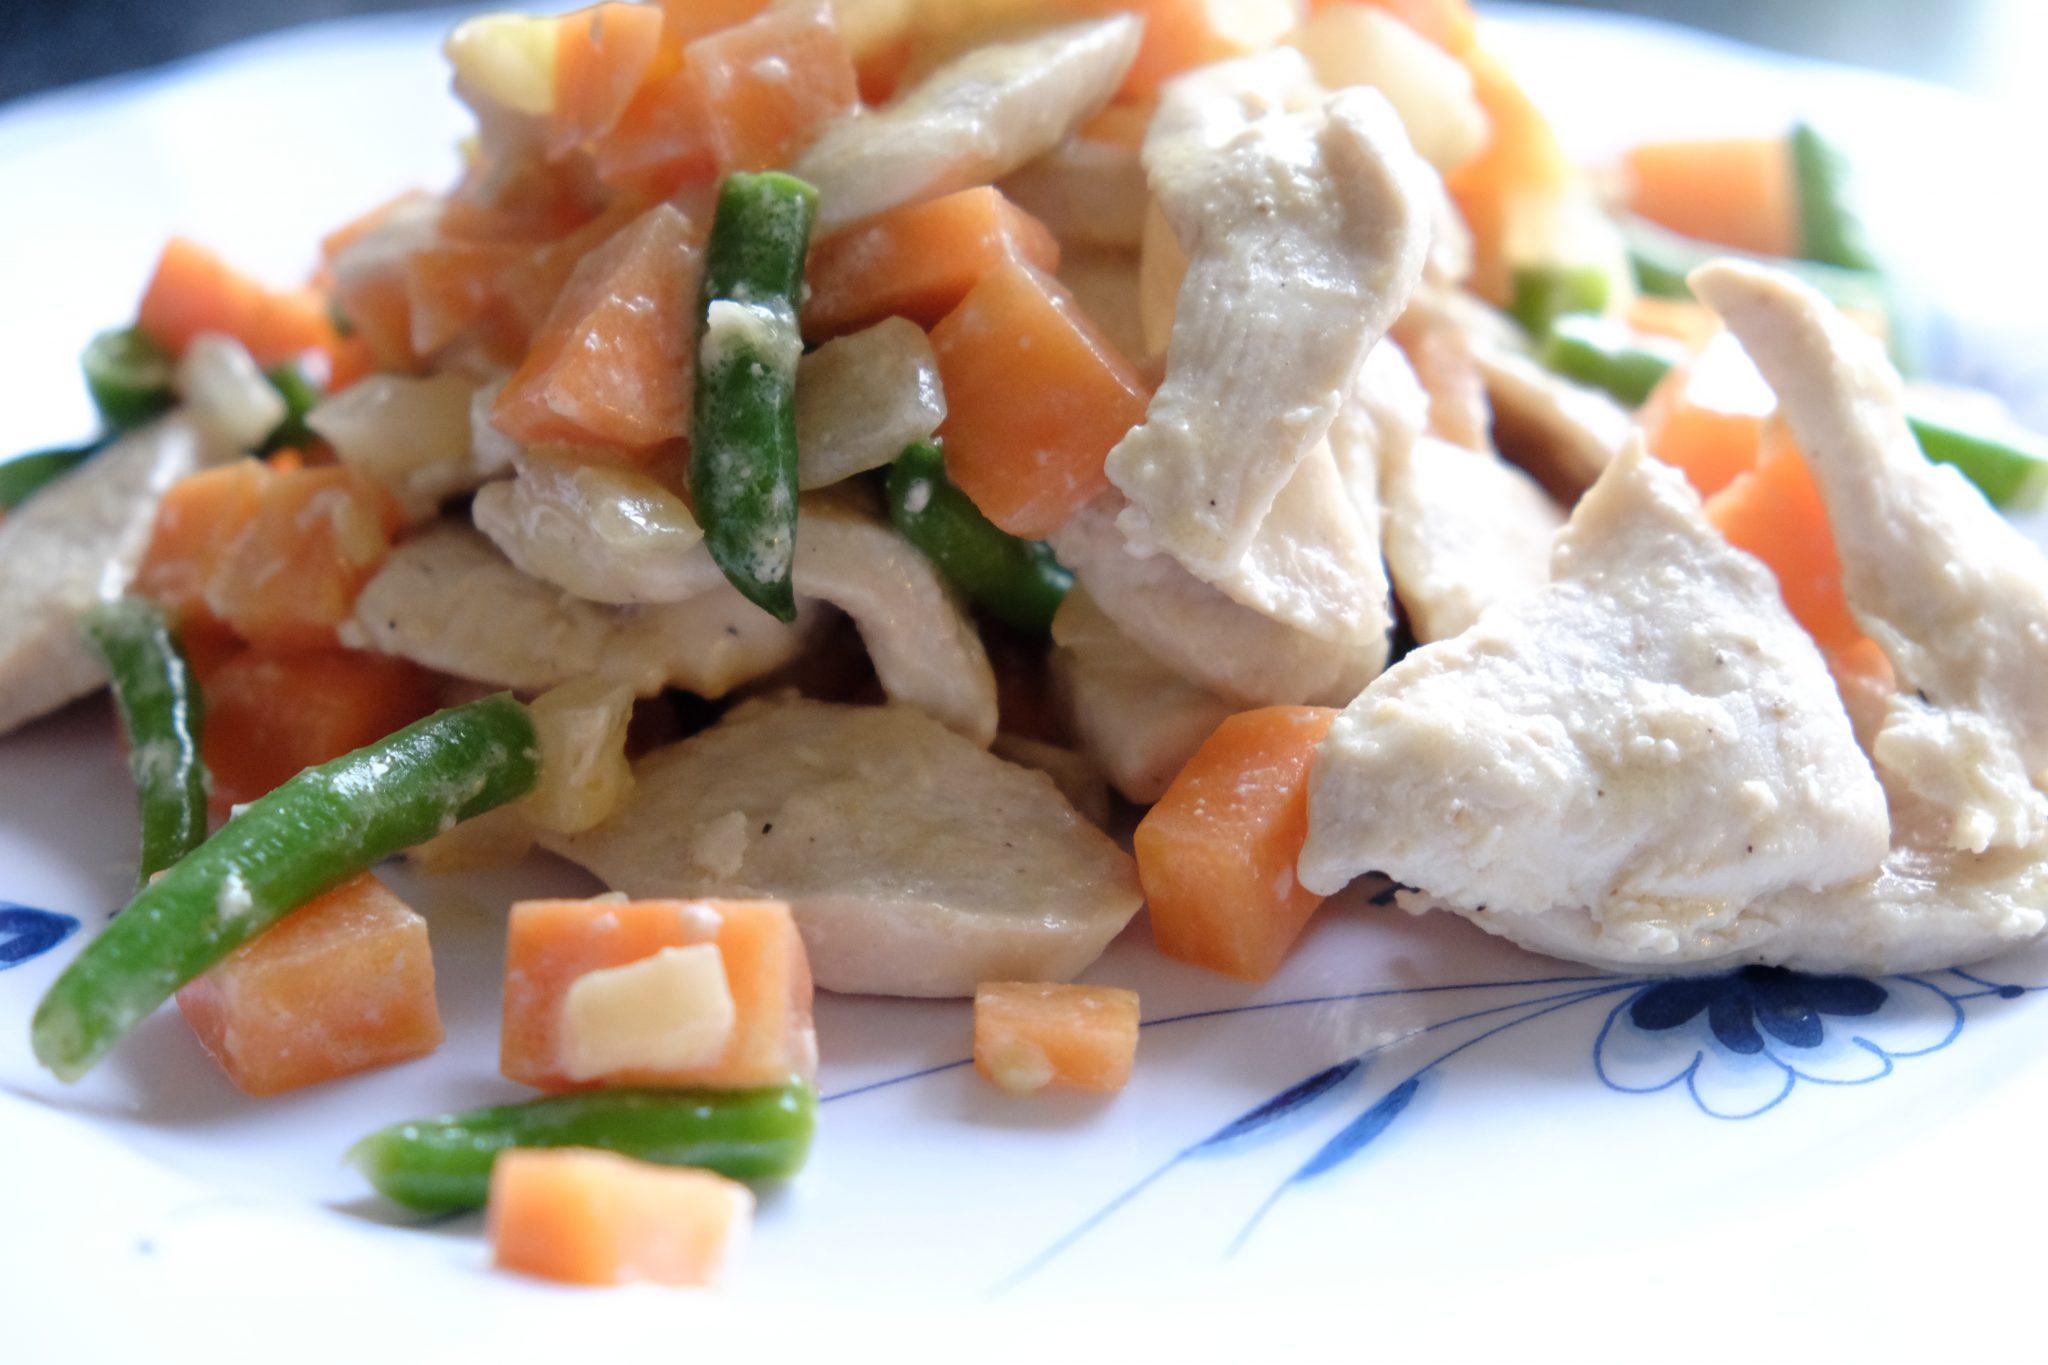 Sund frokost på 15 minutter, opskrift, lækkert, nemt, velbekomme, kylling, wok, bønner, haricot verts, gulerødder